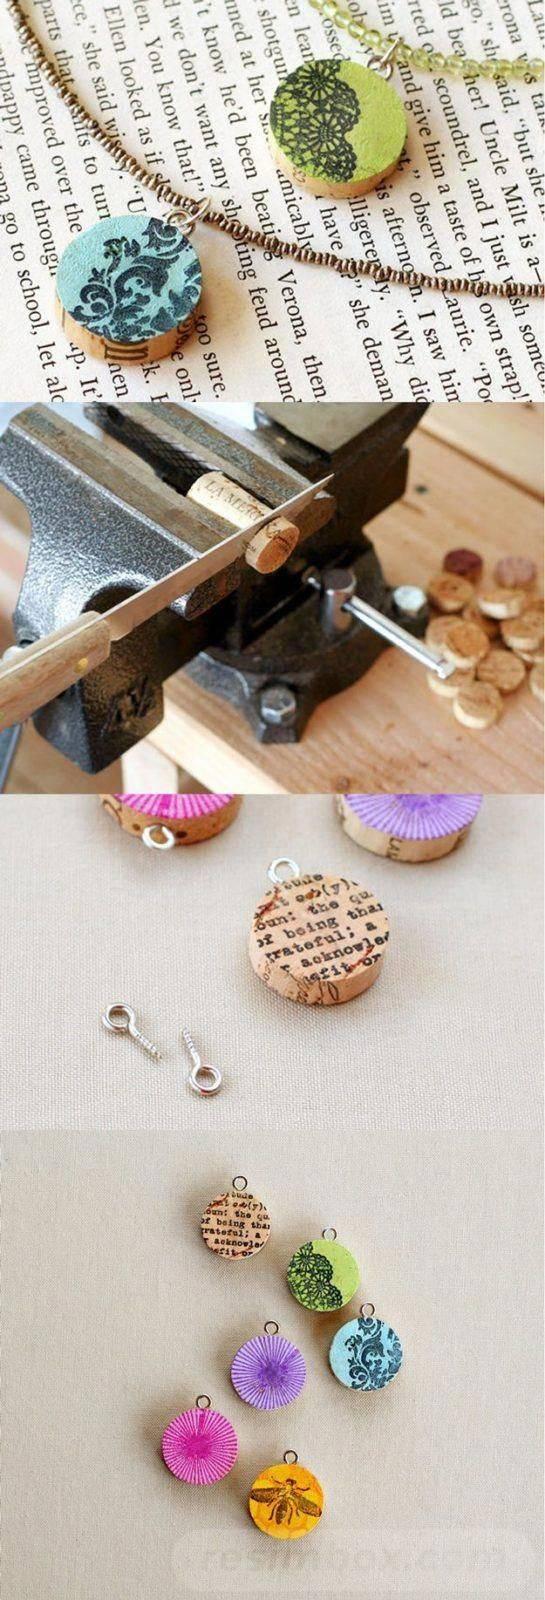 ideas diy jewelry-546835579751194567